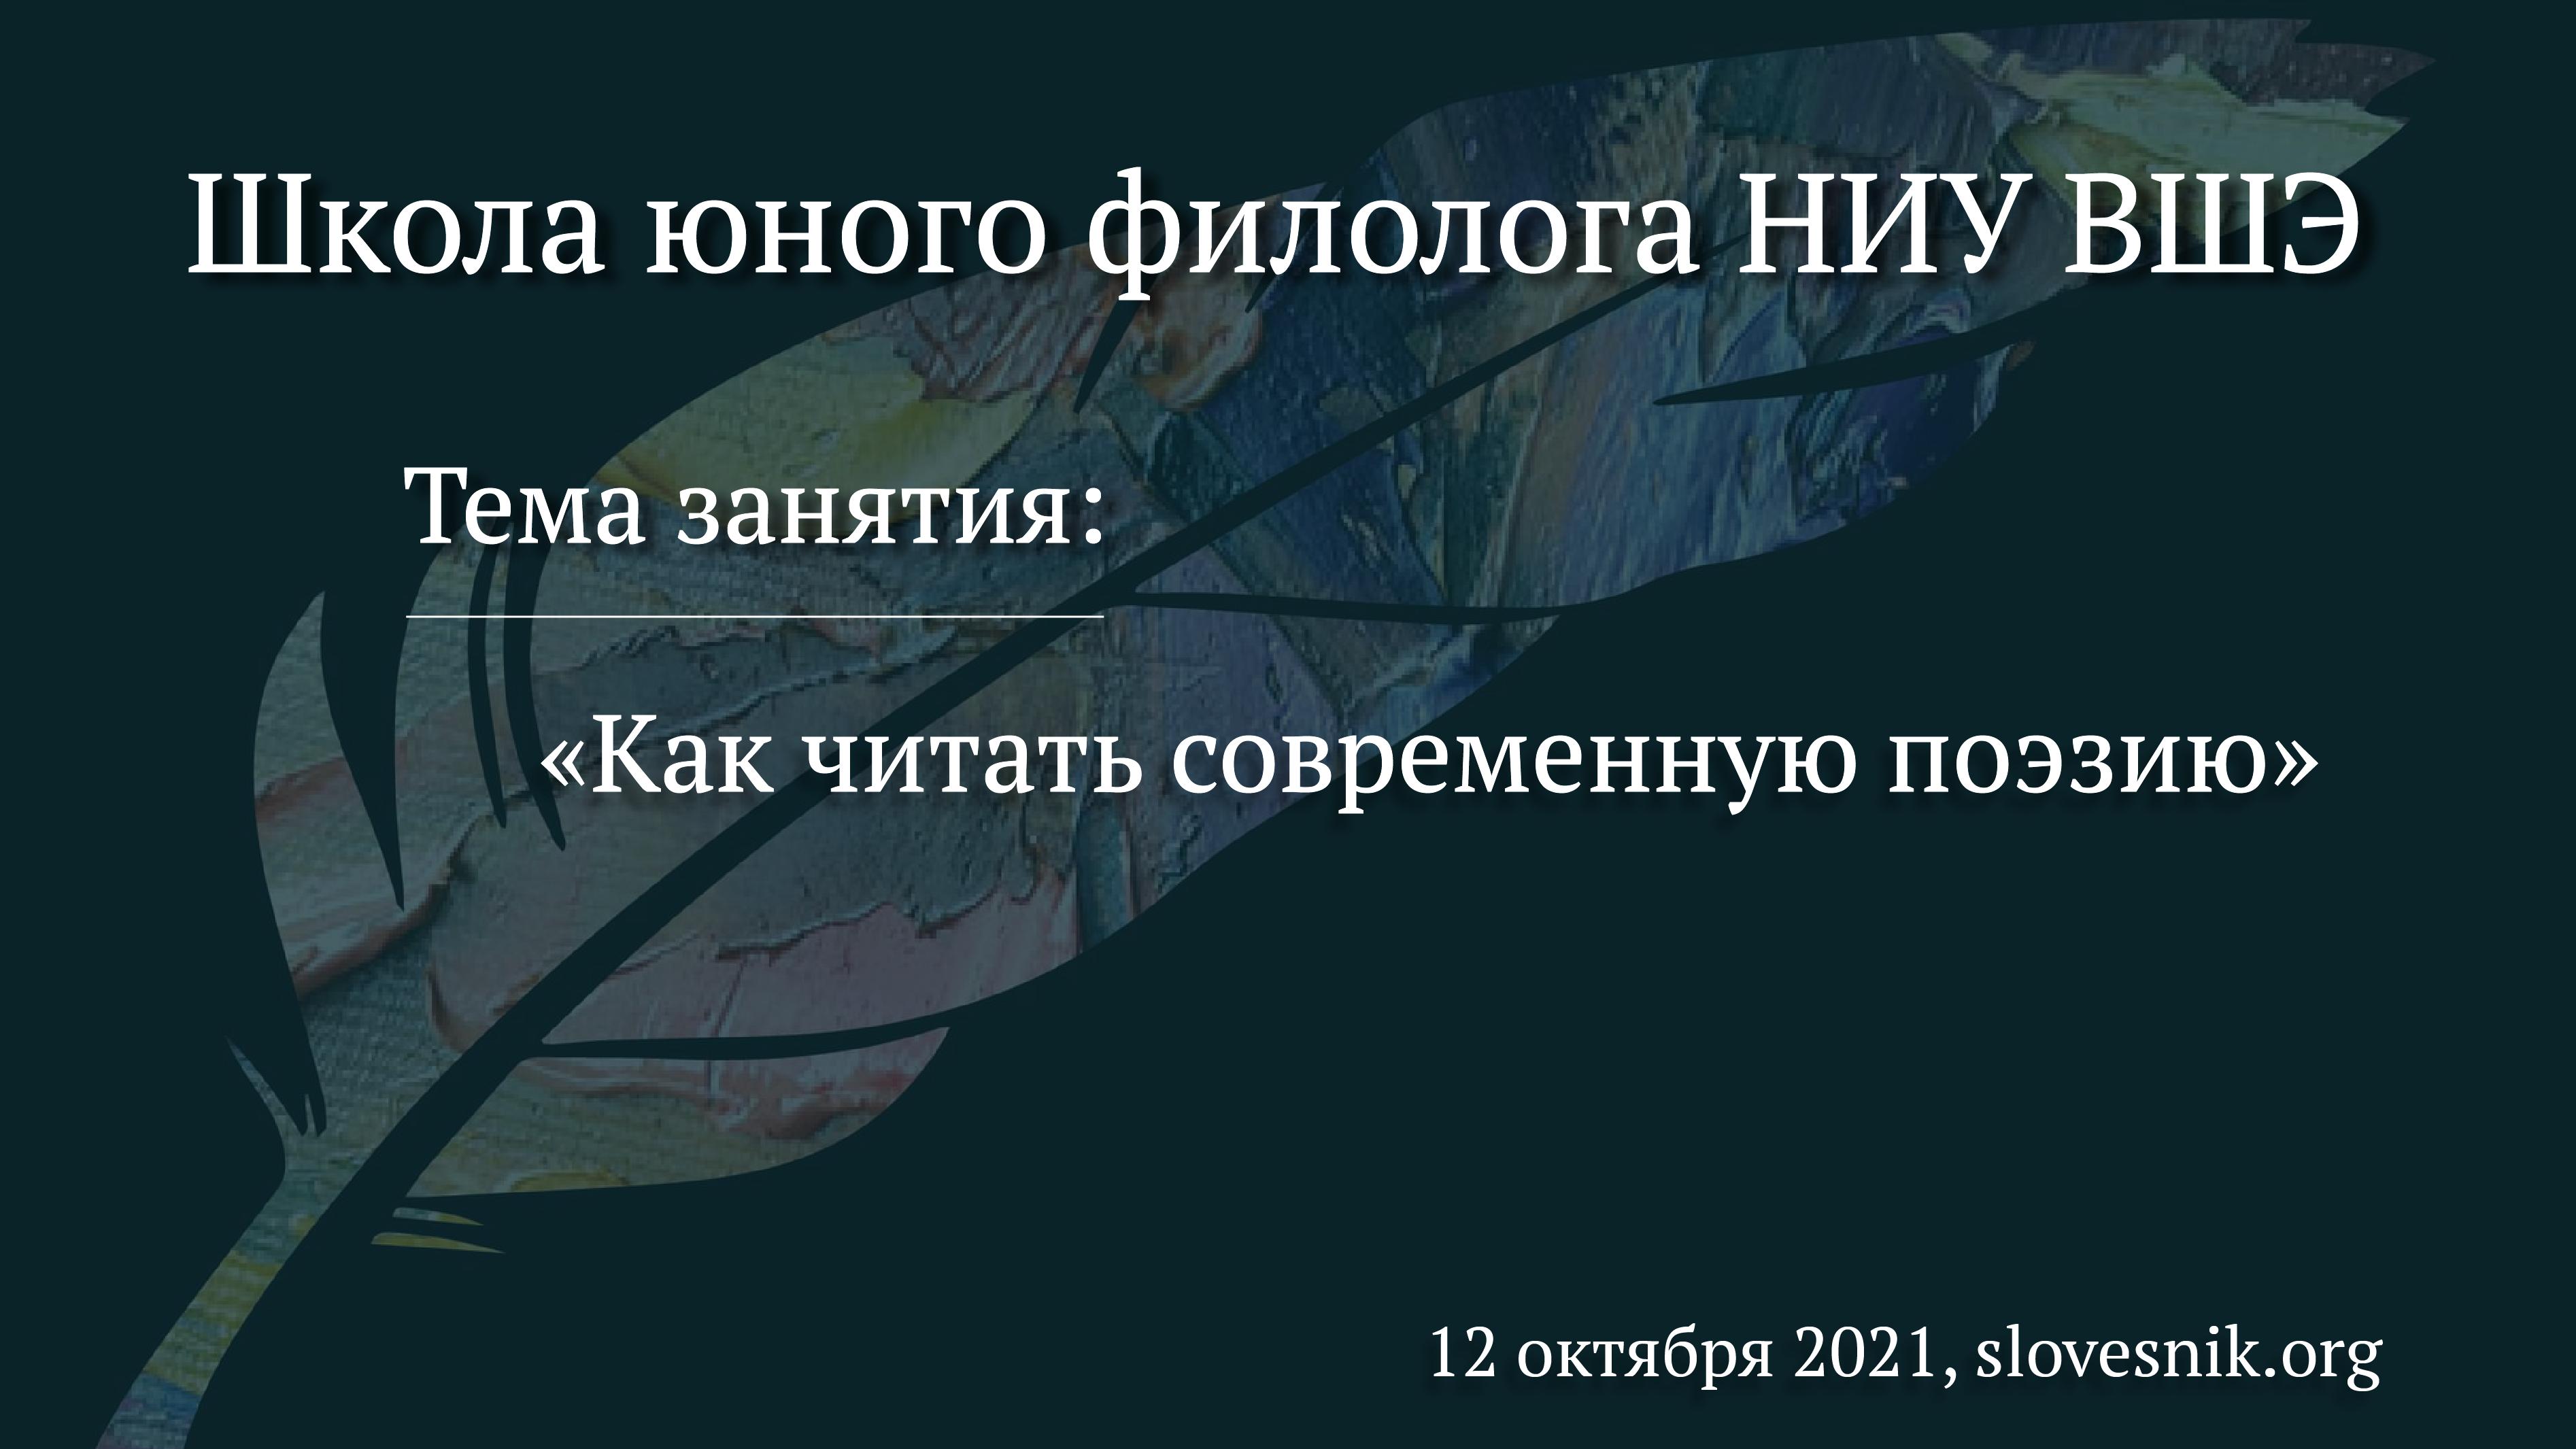 Artboar123d123123-152325235.png